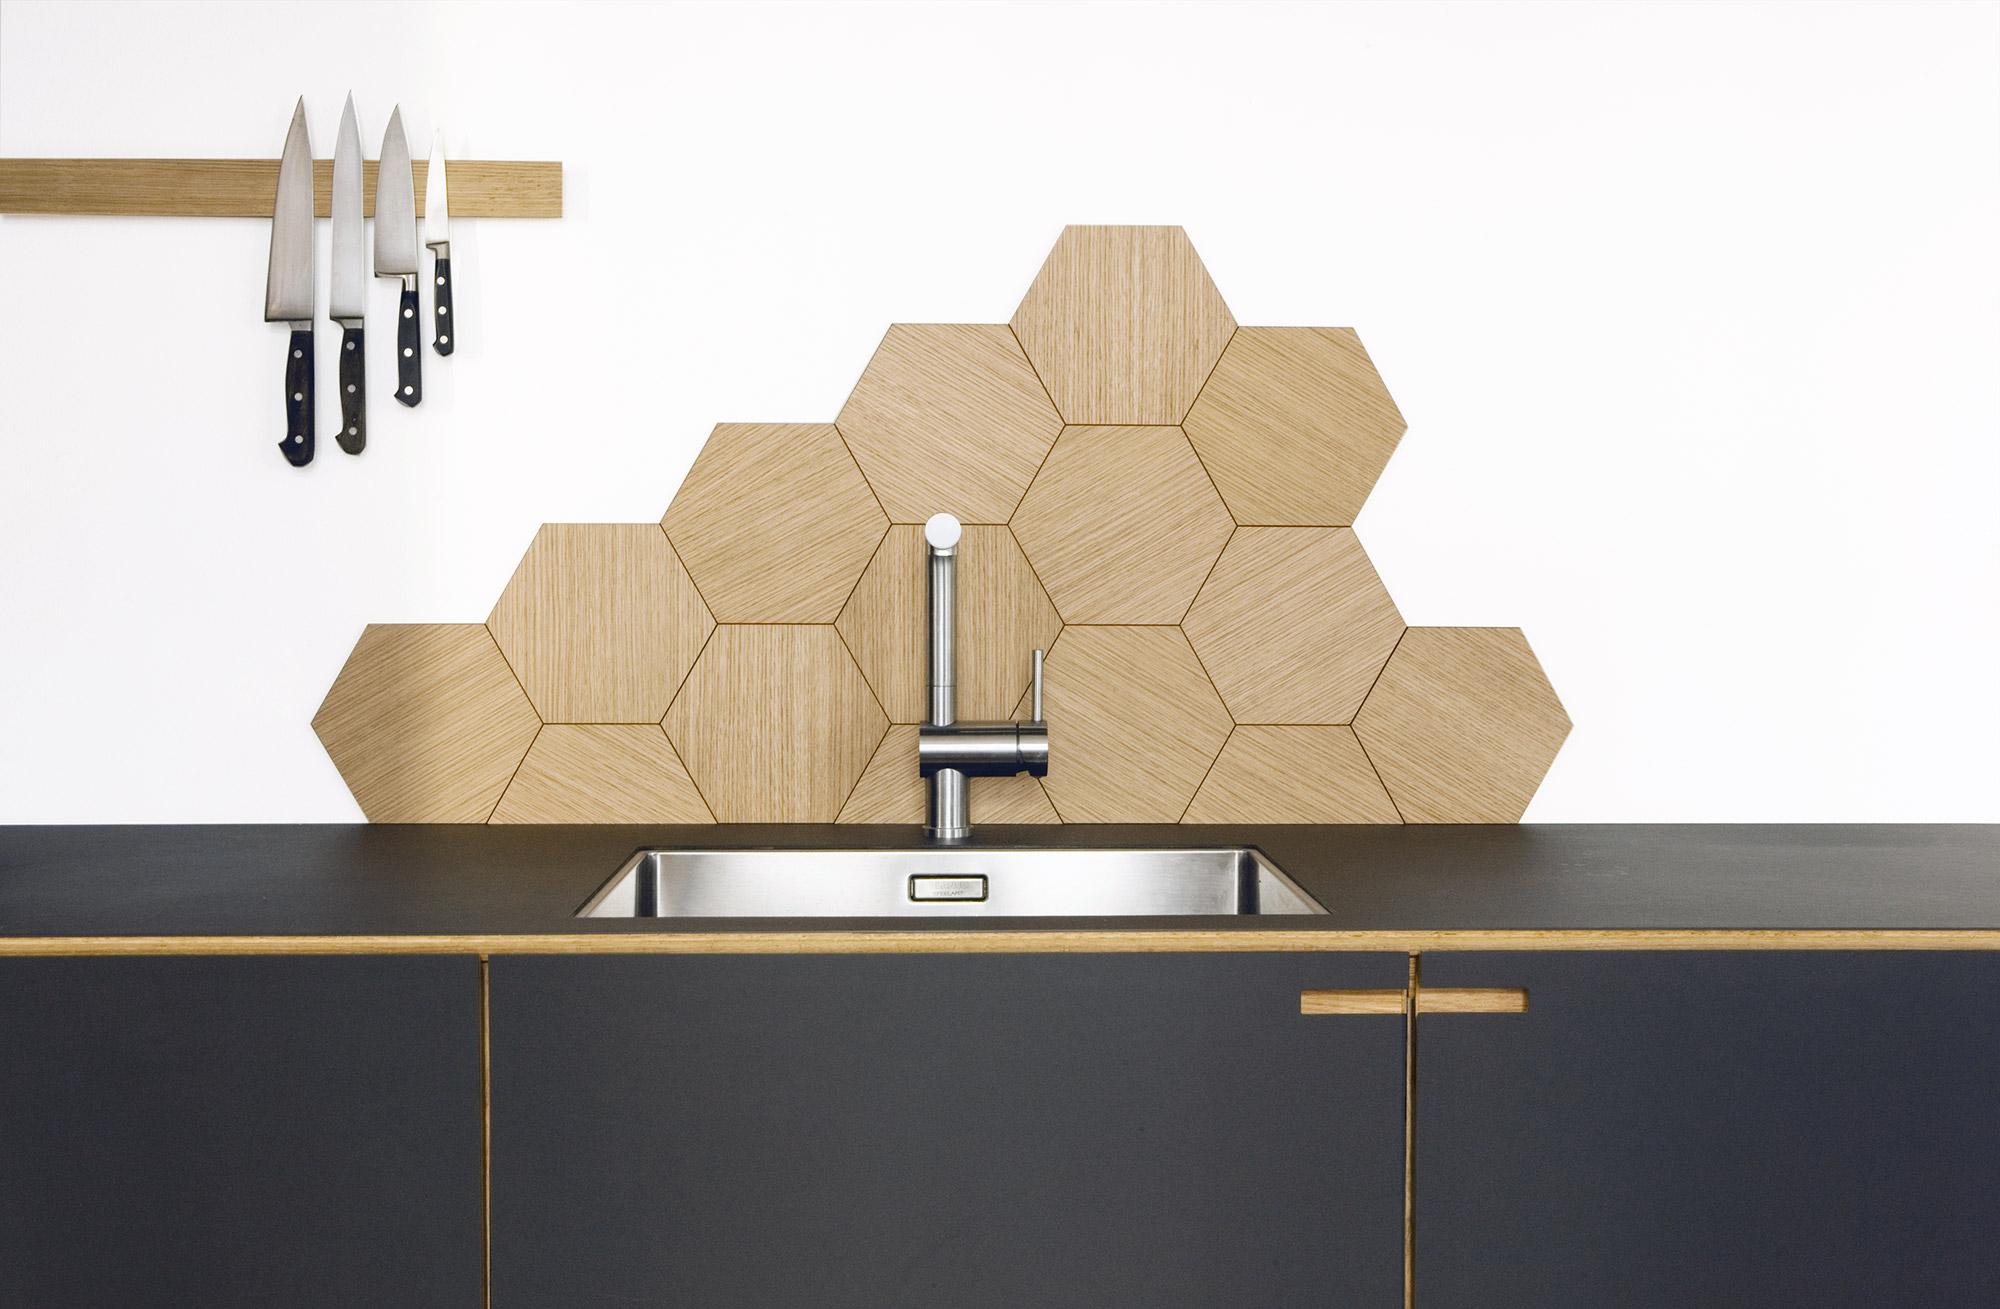 Snedkerkøkkenet Ribegade med Hexagonfliser i eg